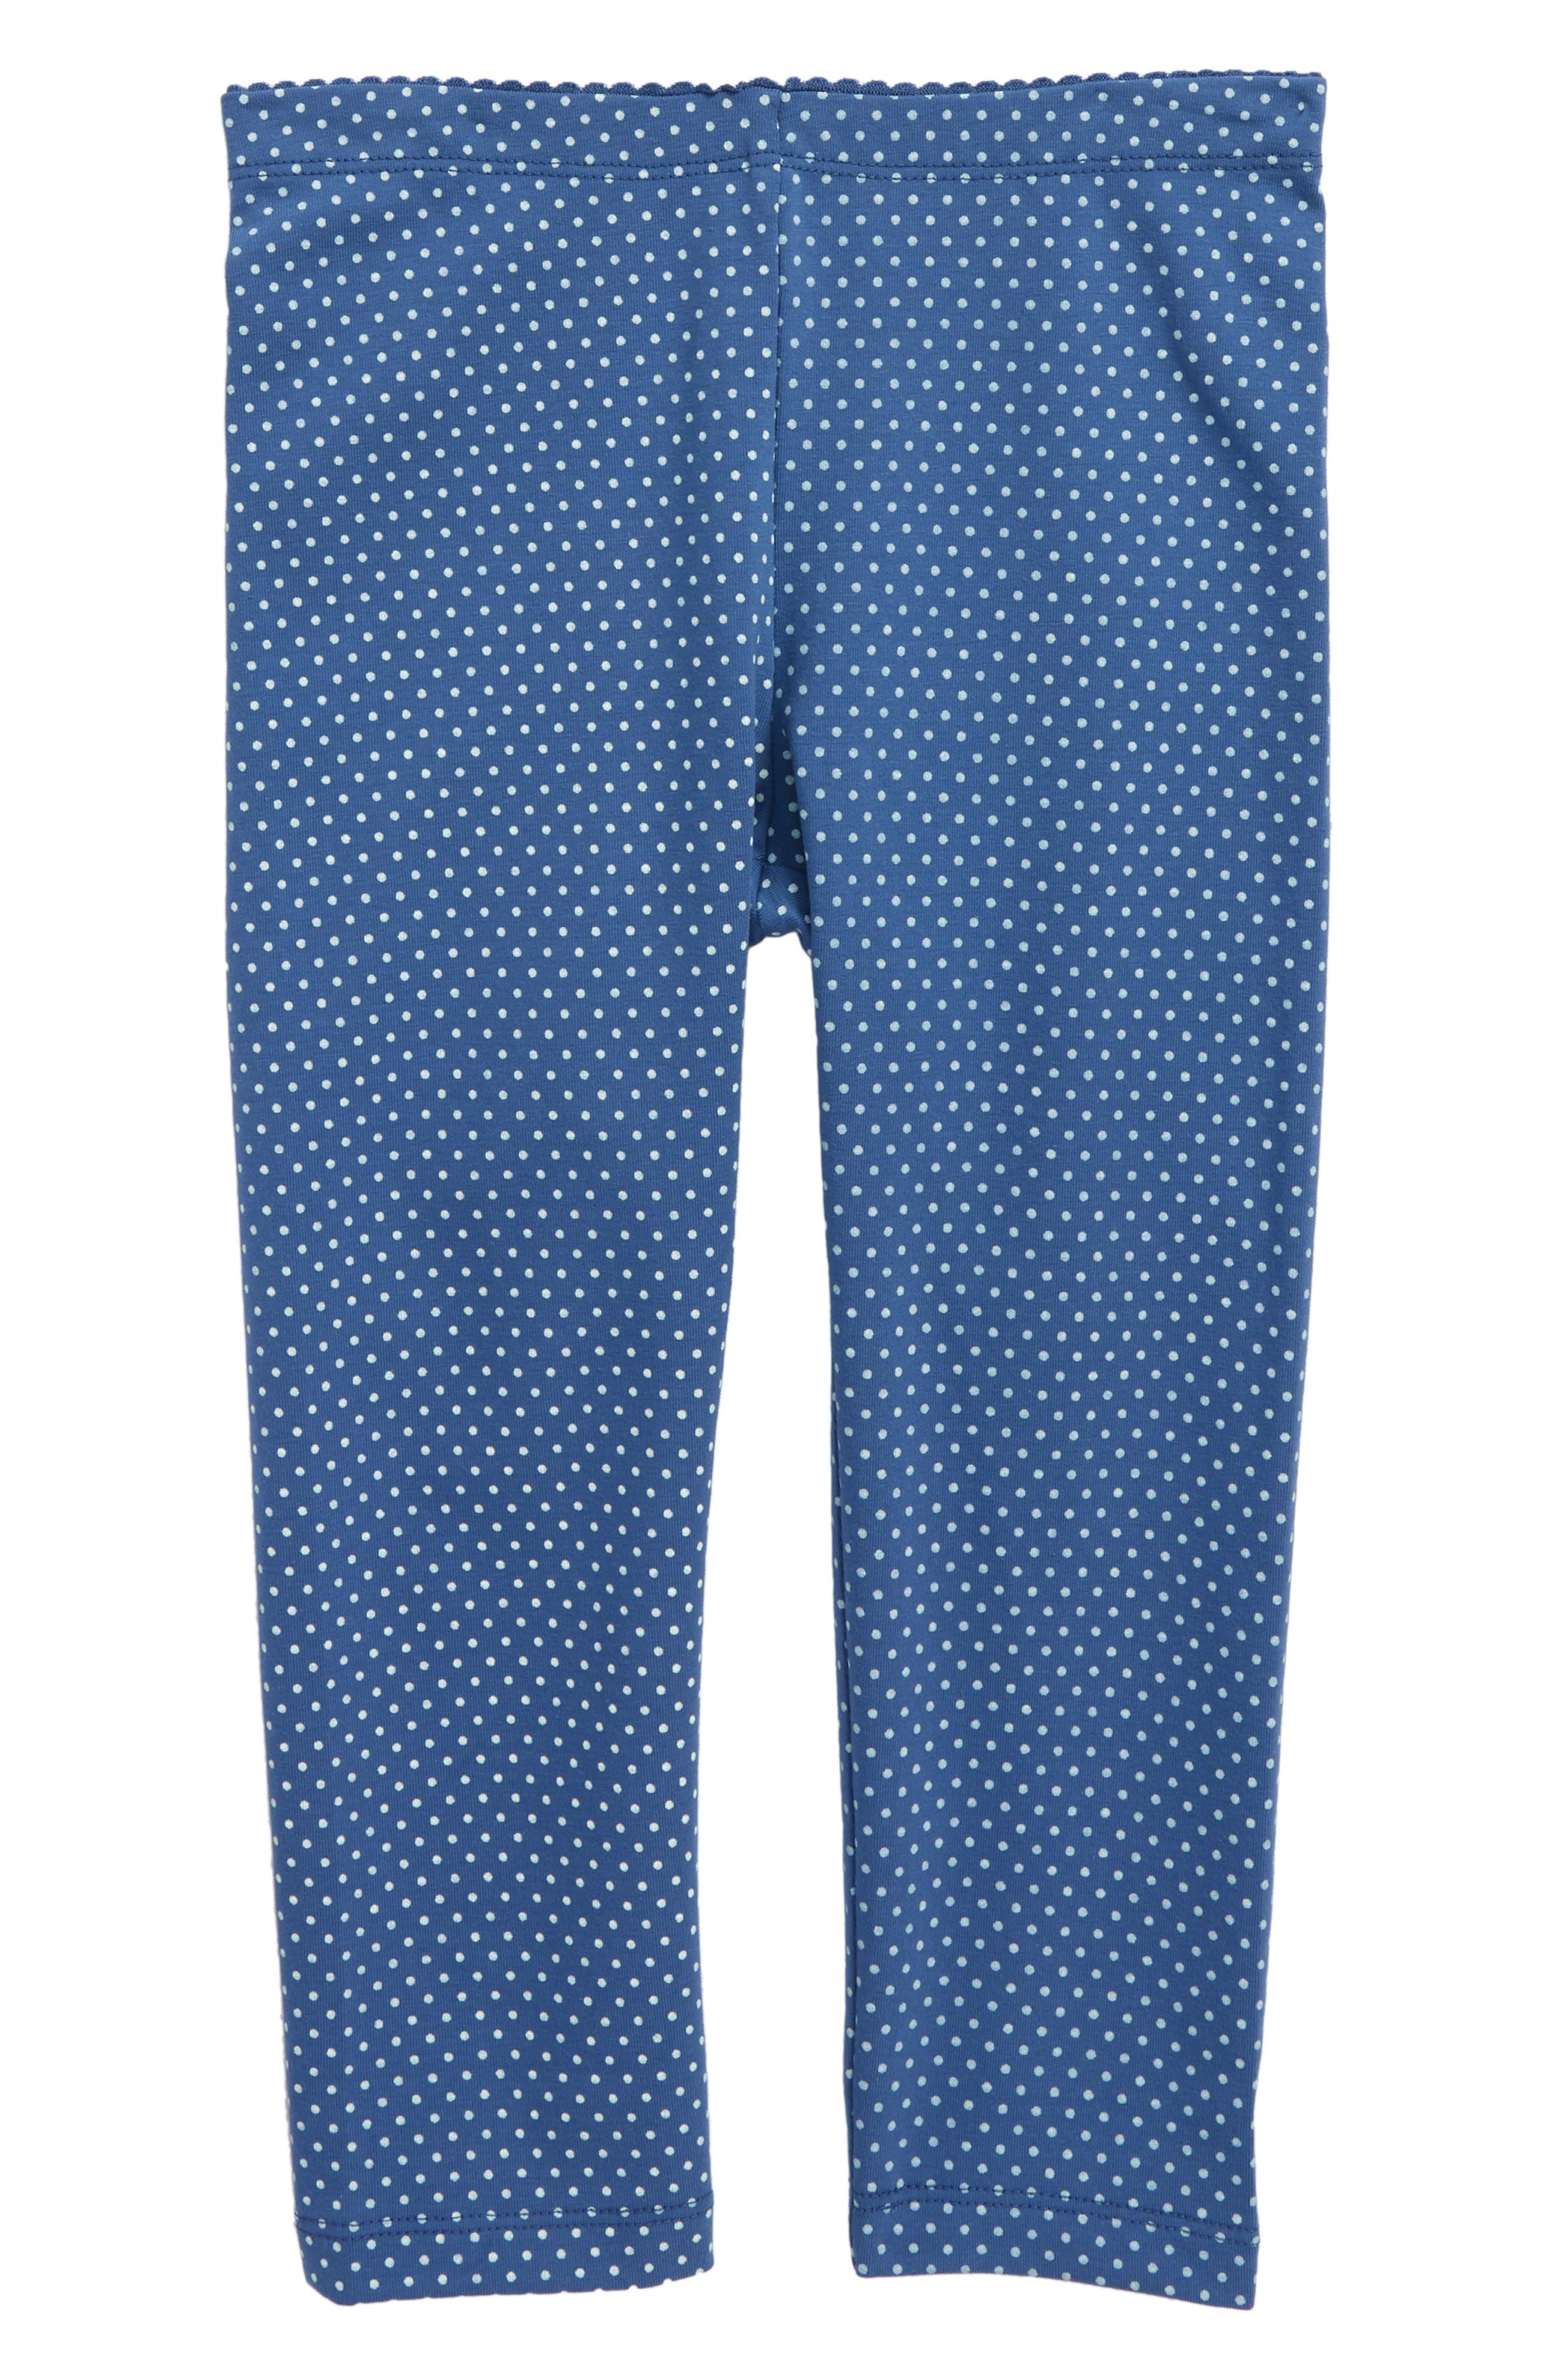 Pin Dot Capri Leggings,                         Main,                         color, Cobalt